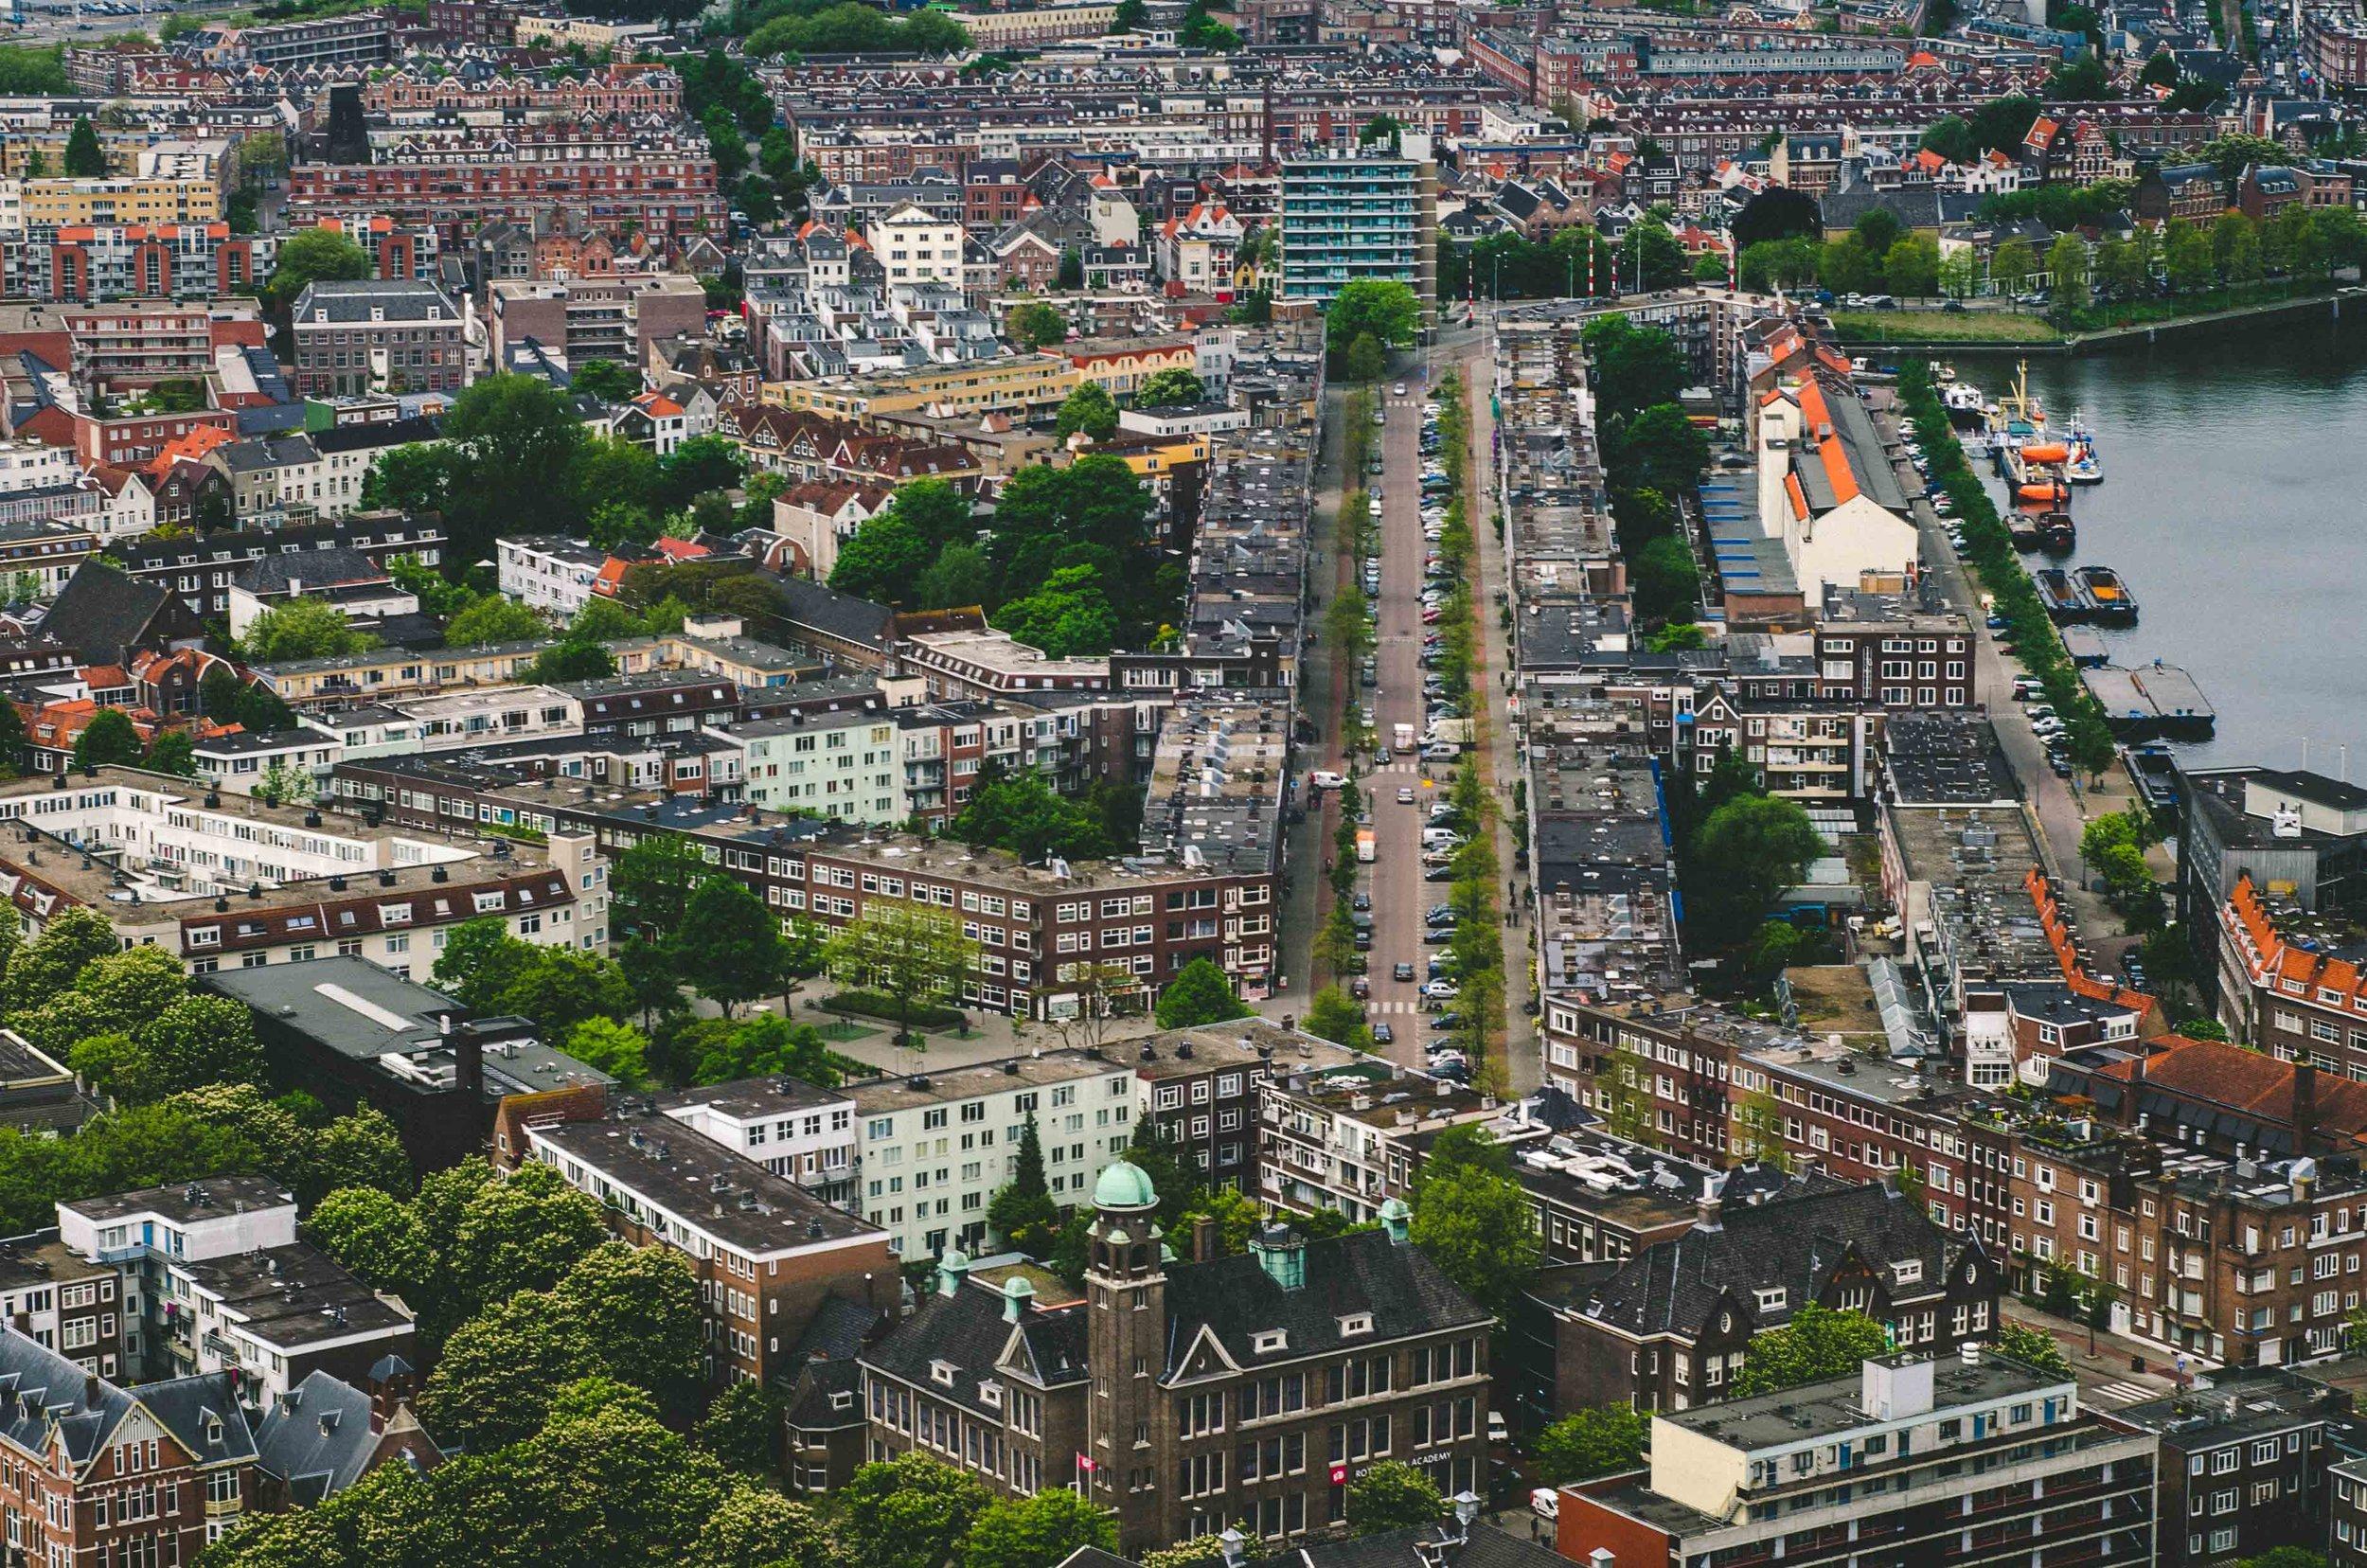 Delfshaven borough from above